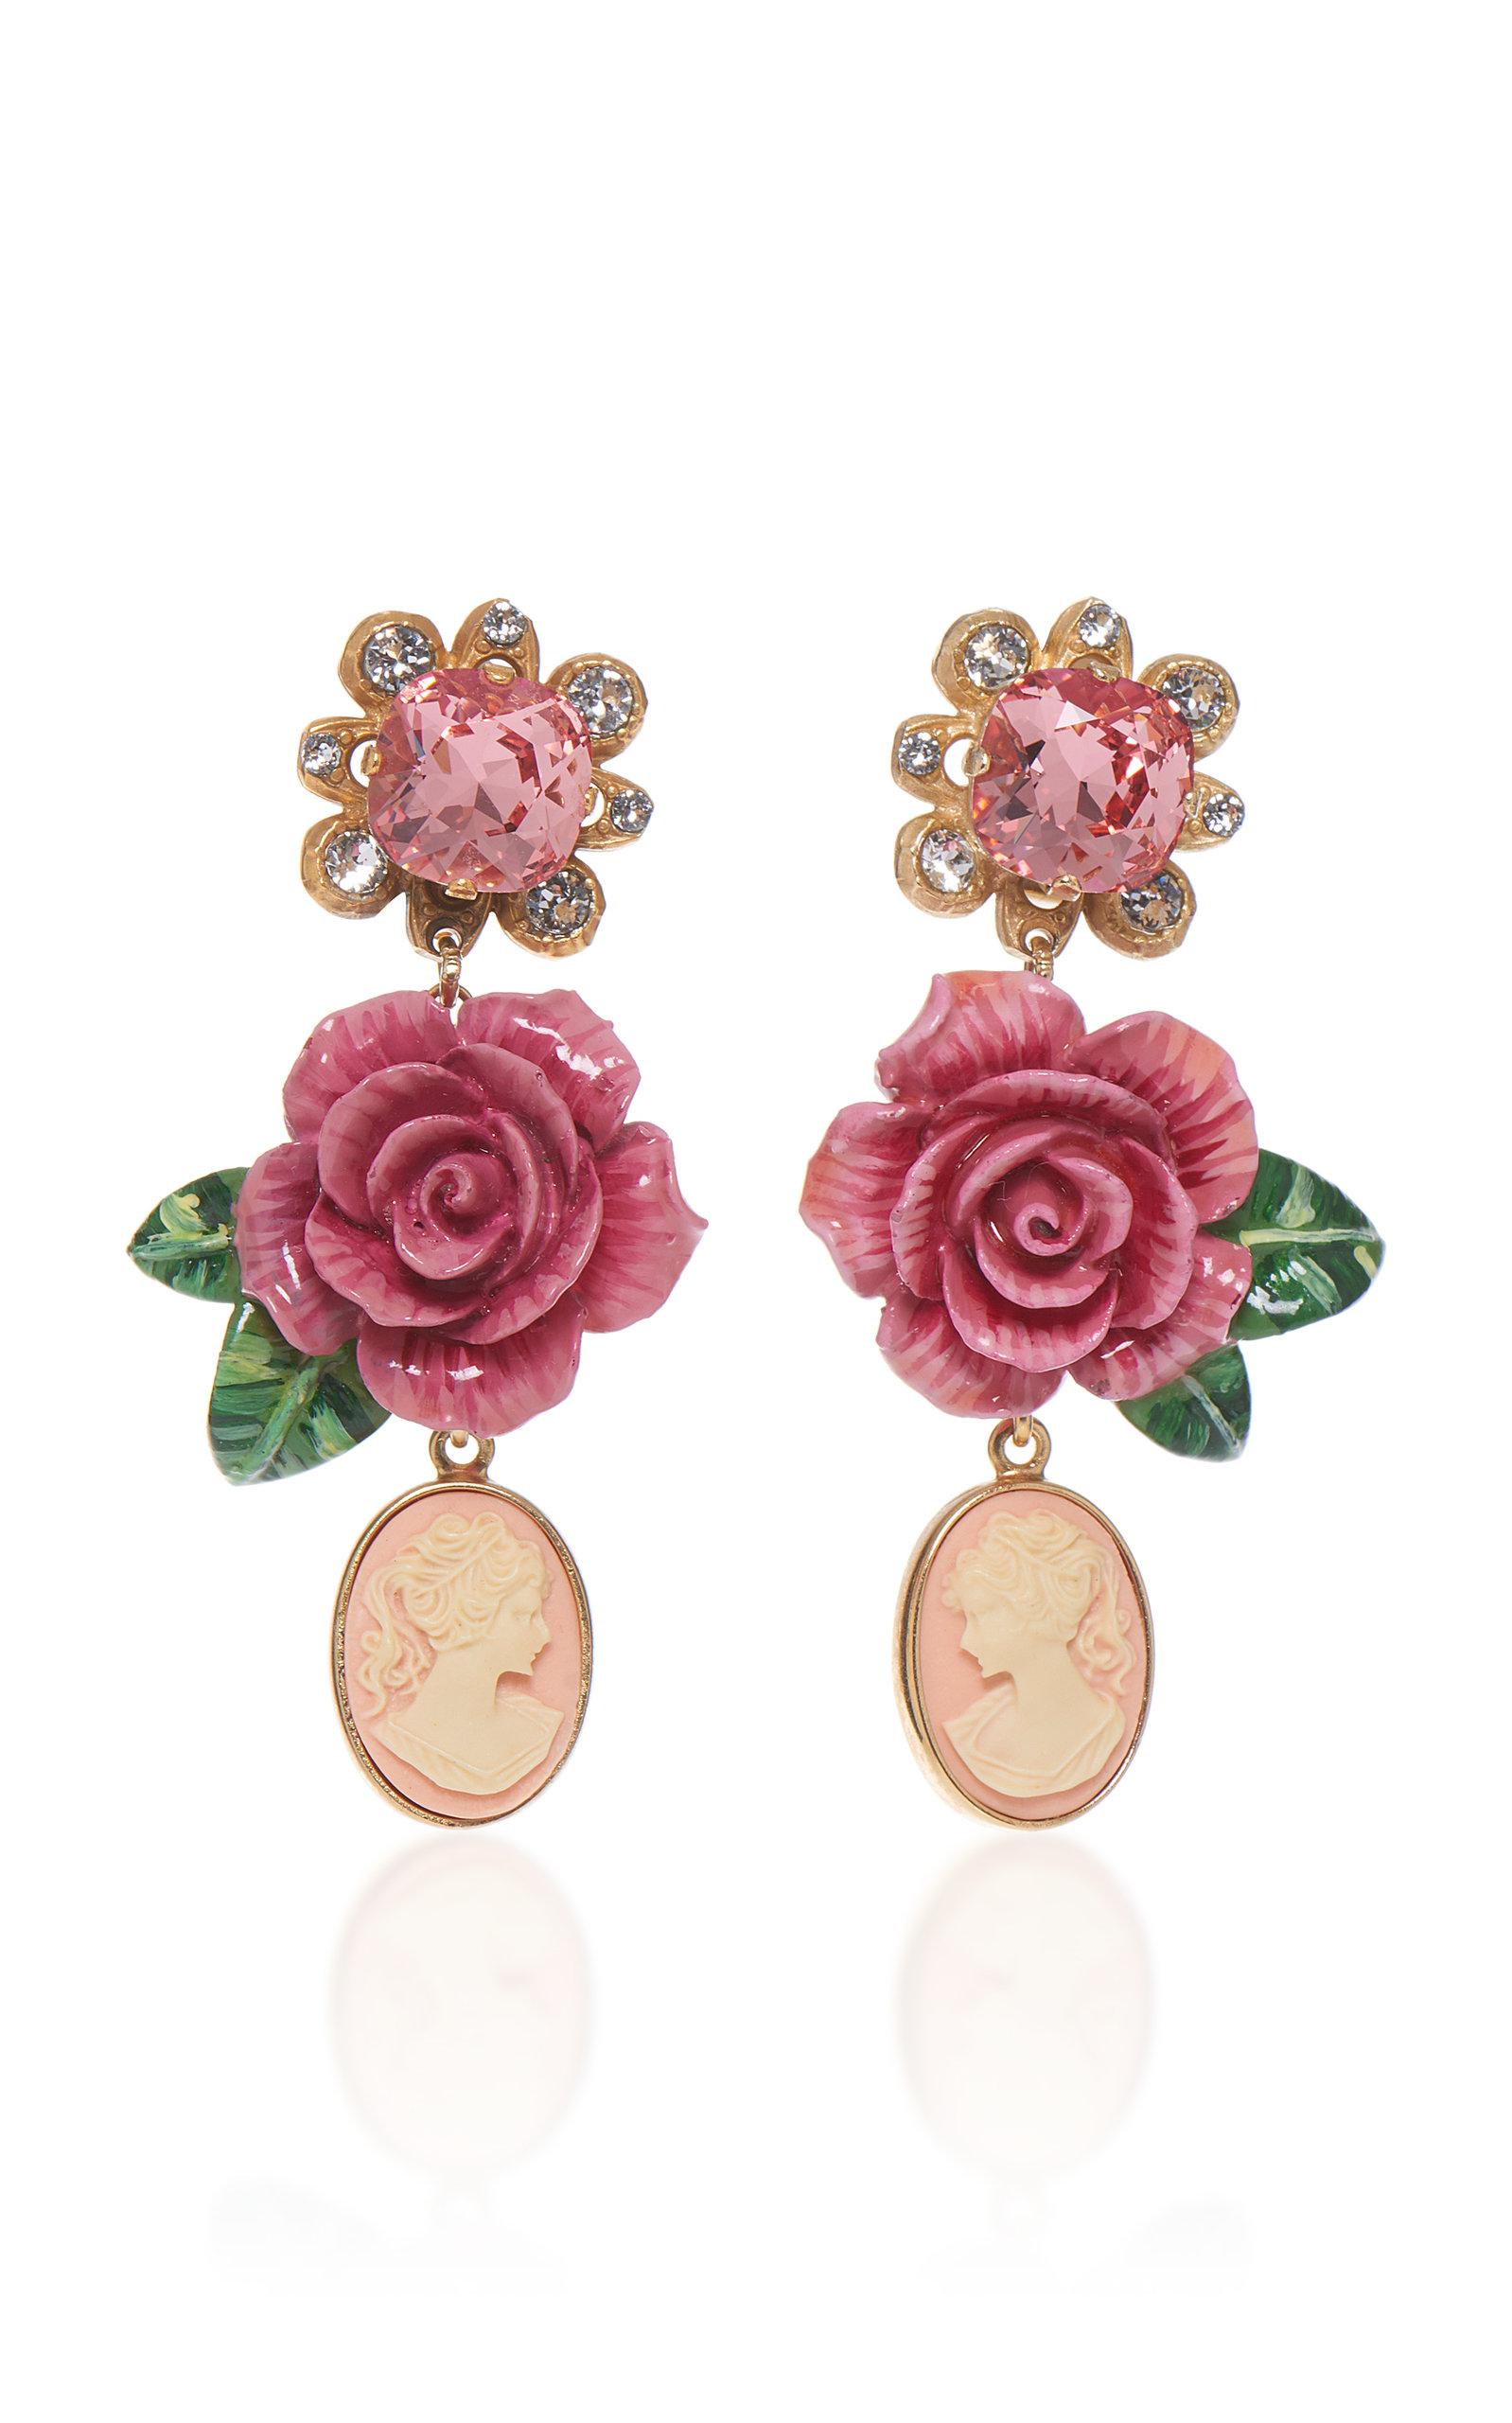 Rosetto Laiton Tons D'argent Et Boucles D'oreilles En Cristal Dolce & Gabbana hxohg